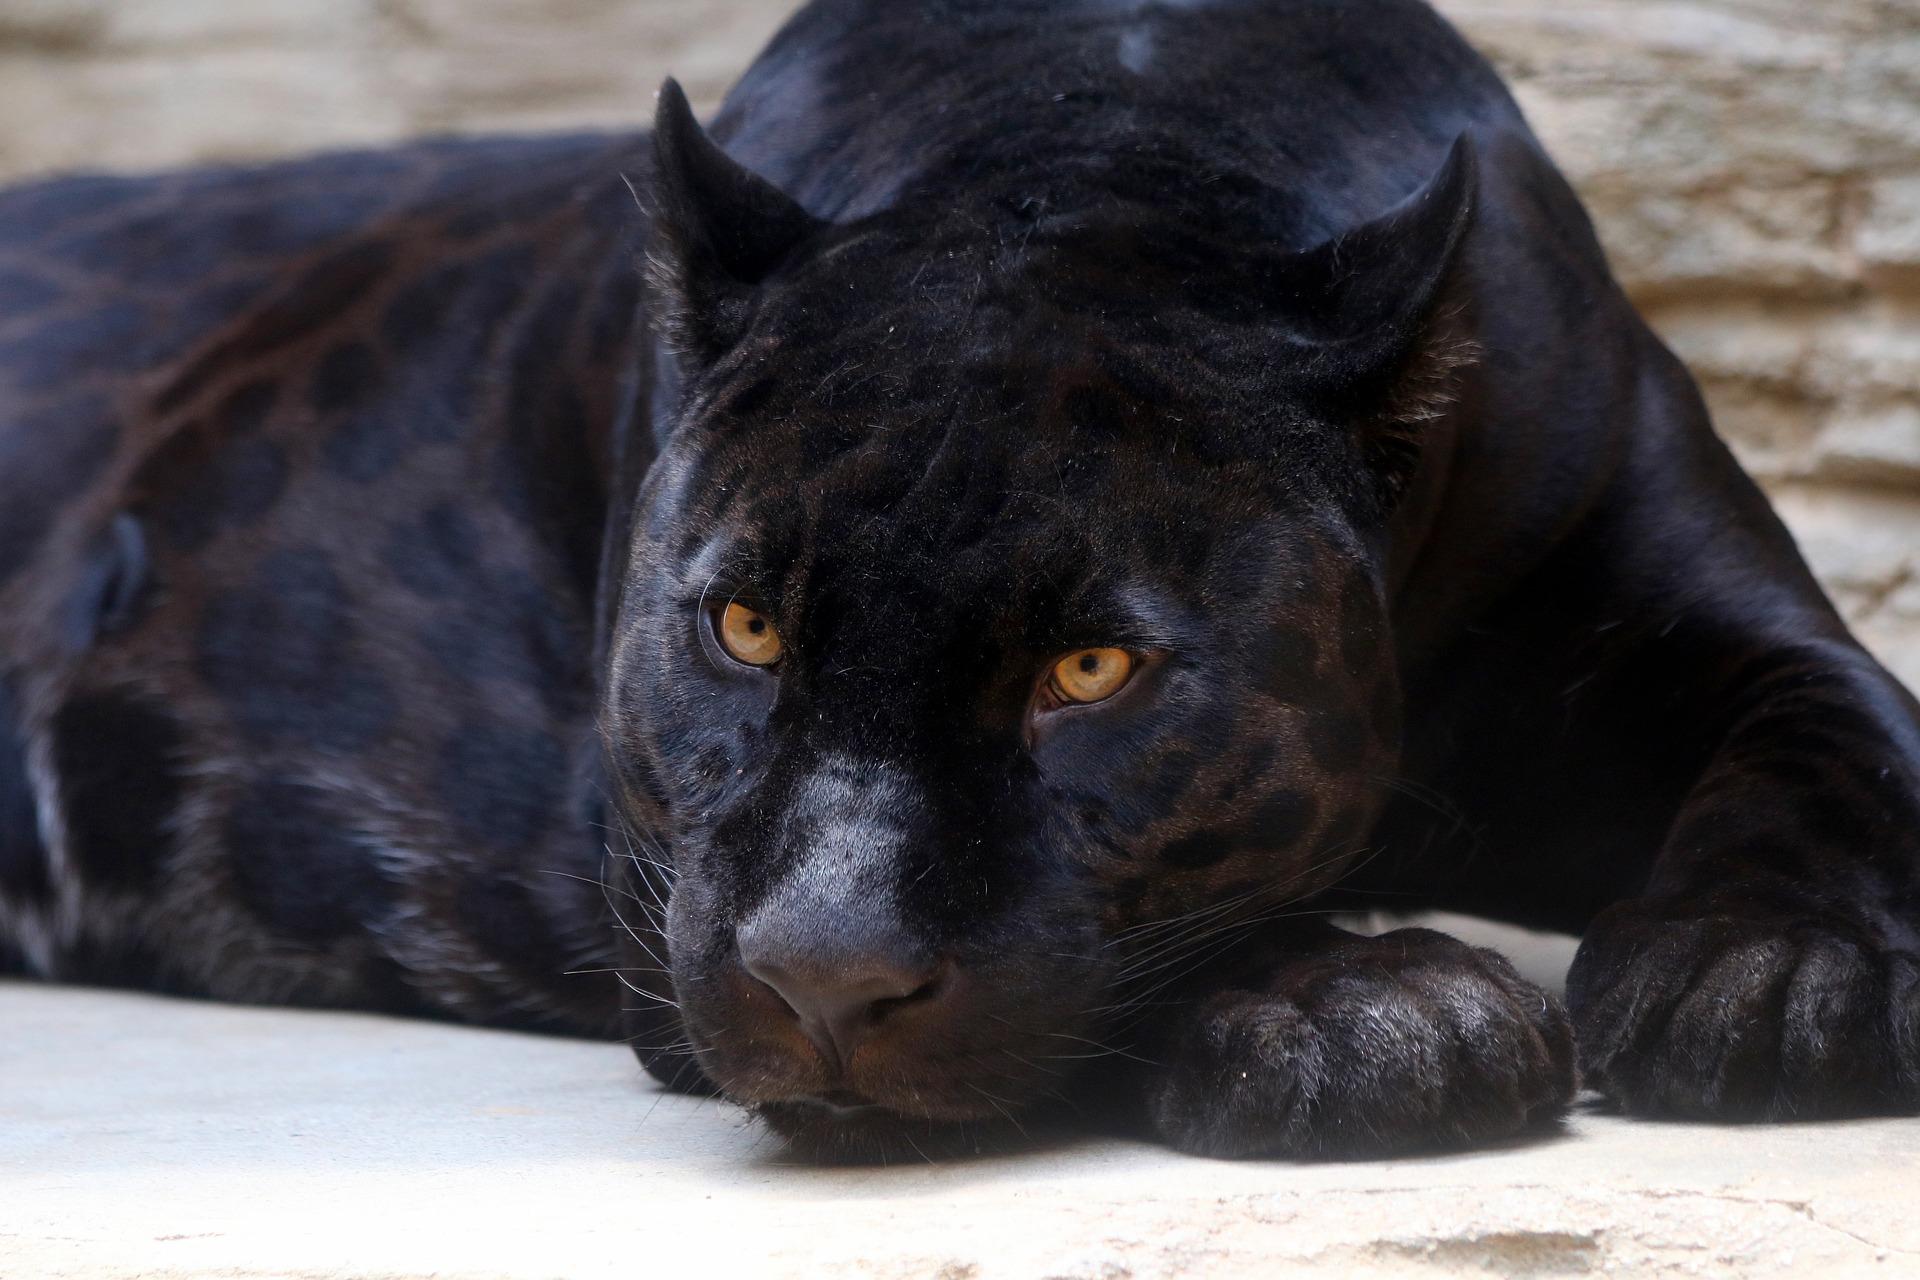 Das Bild zeigt einen schwarzen Panther.